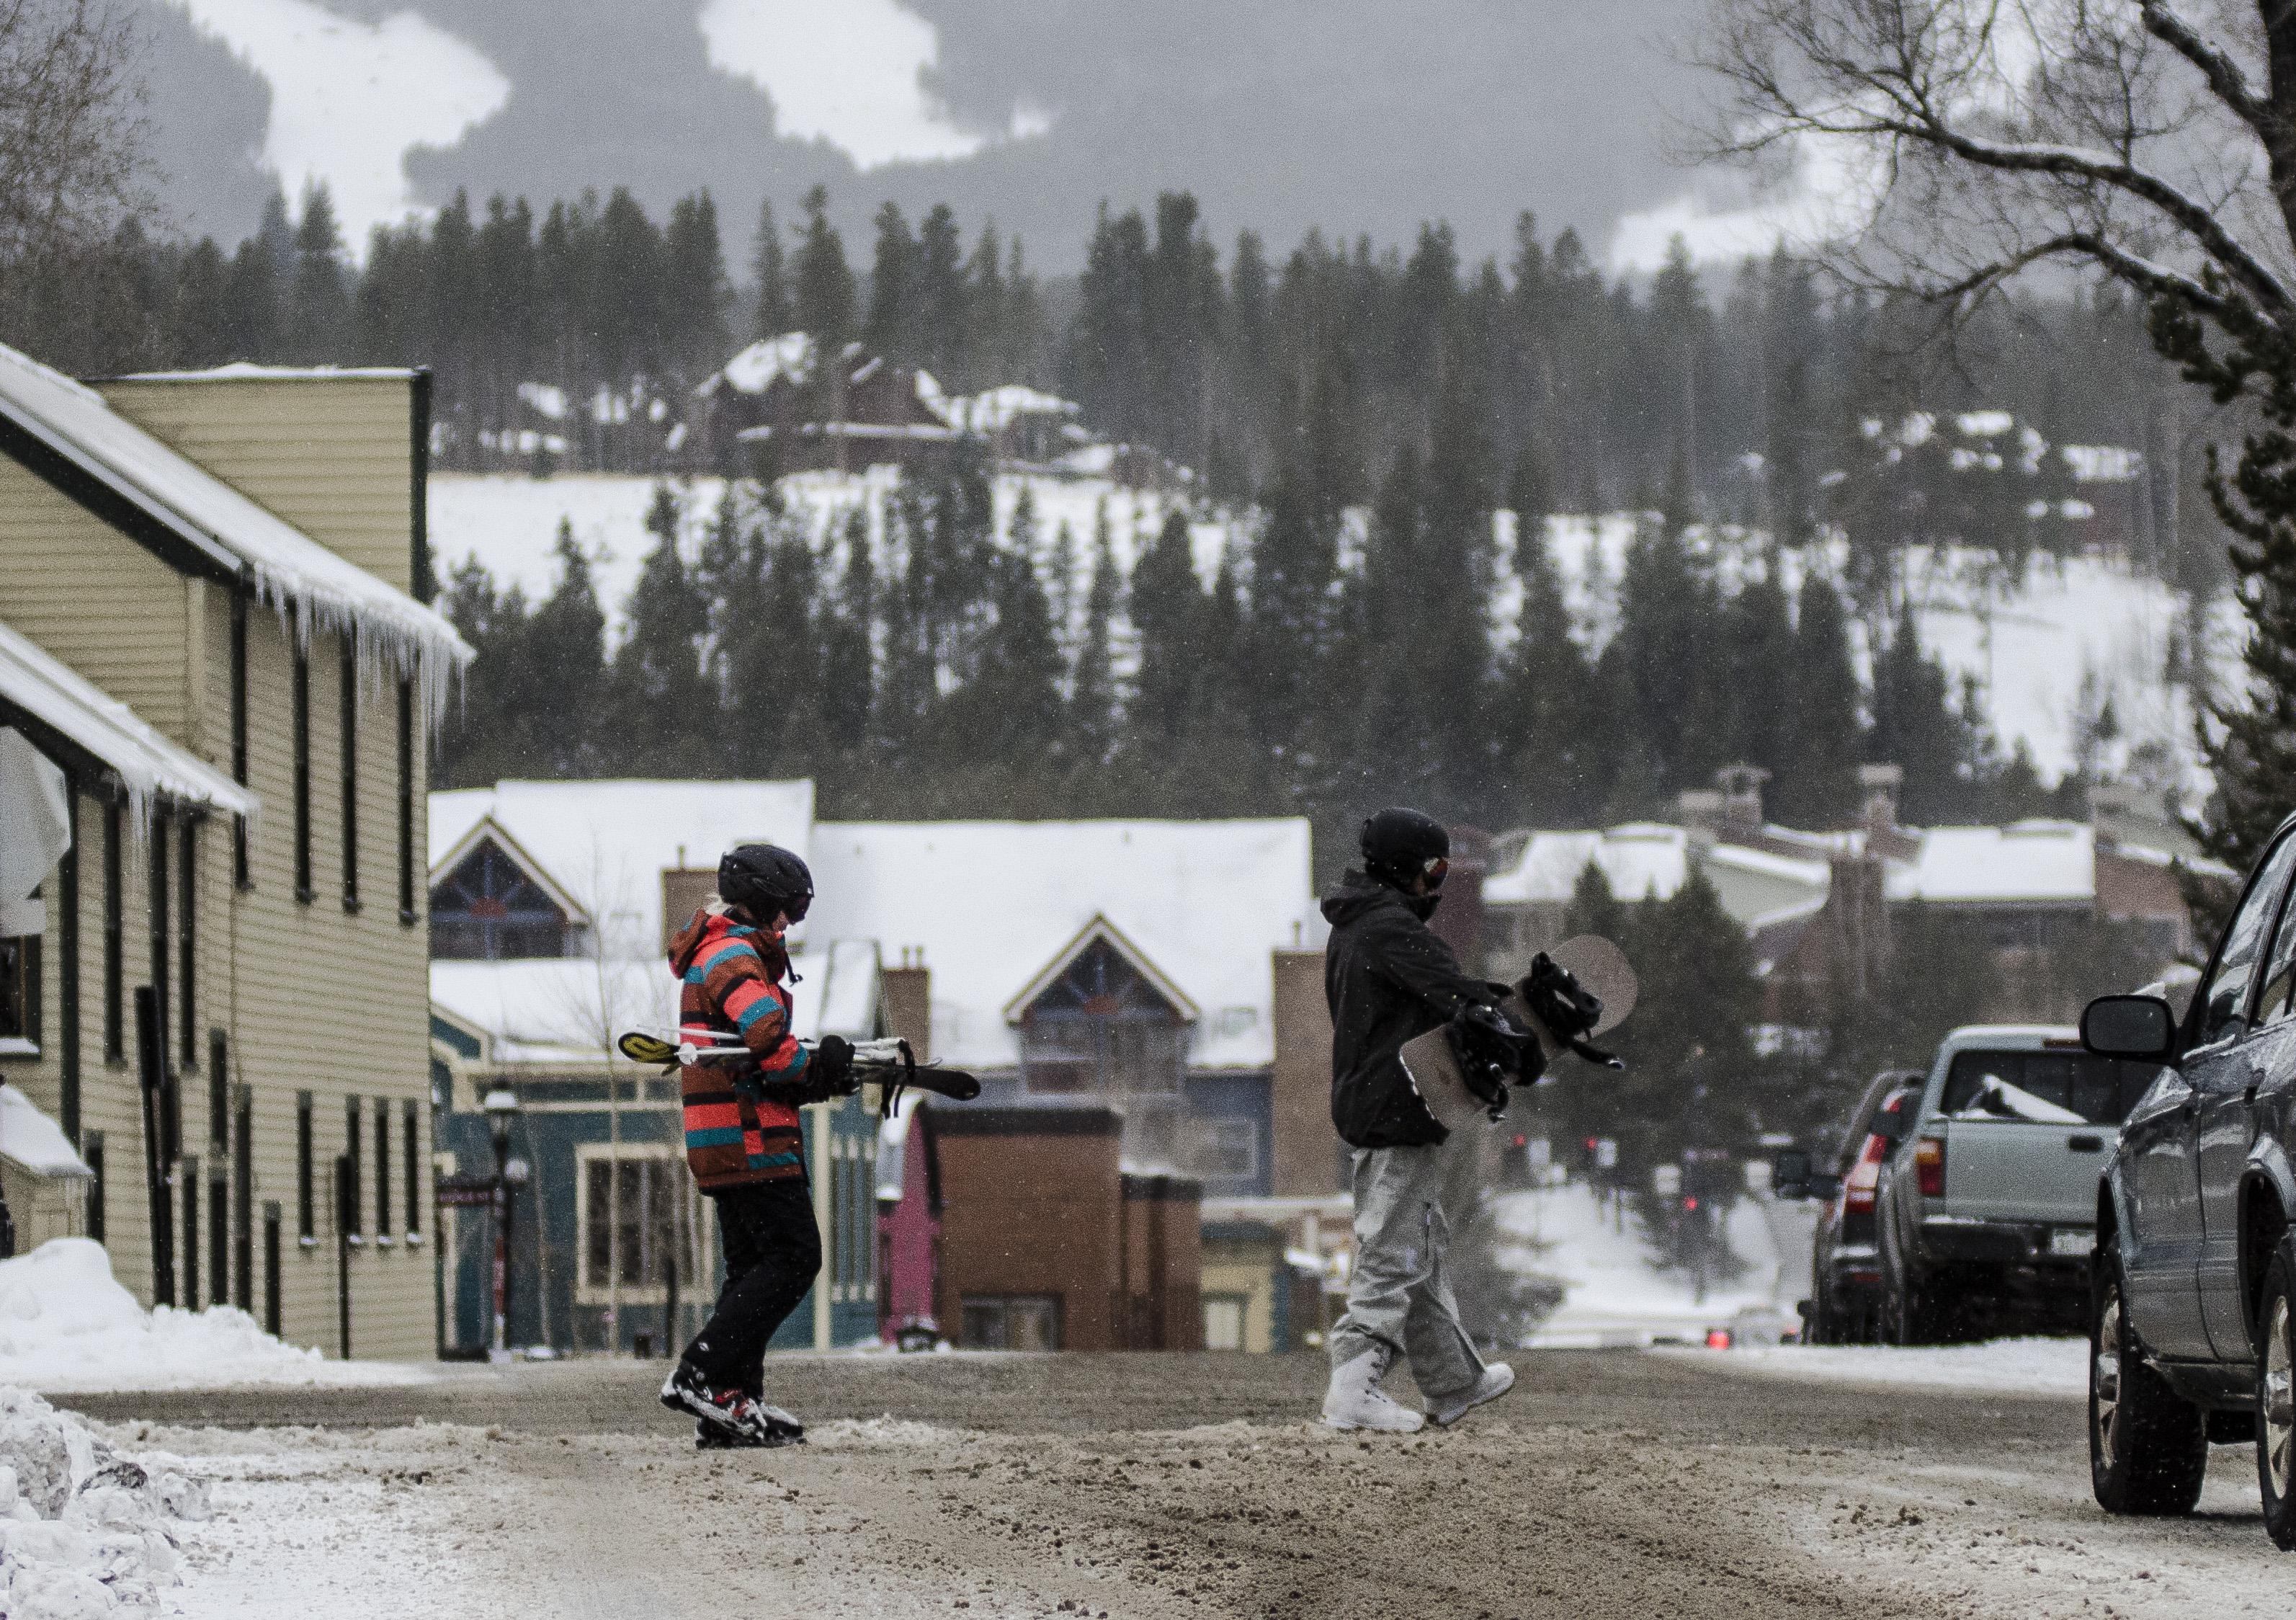 Photo: Skiier, snowboarder in Breckenridge